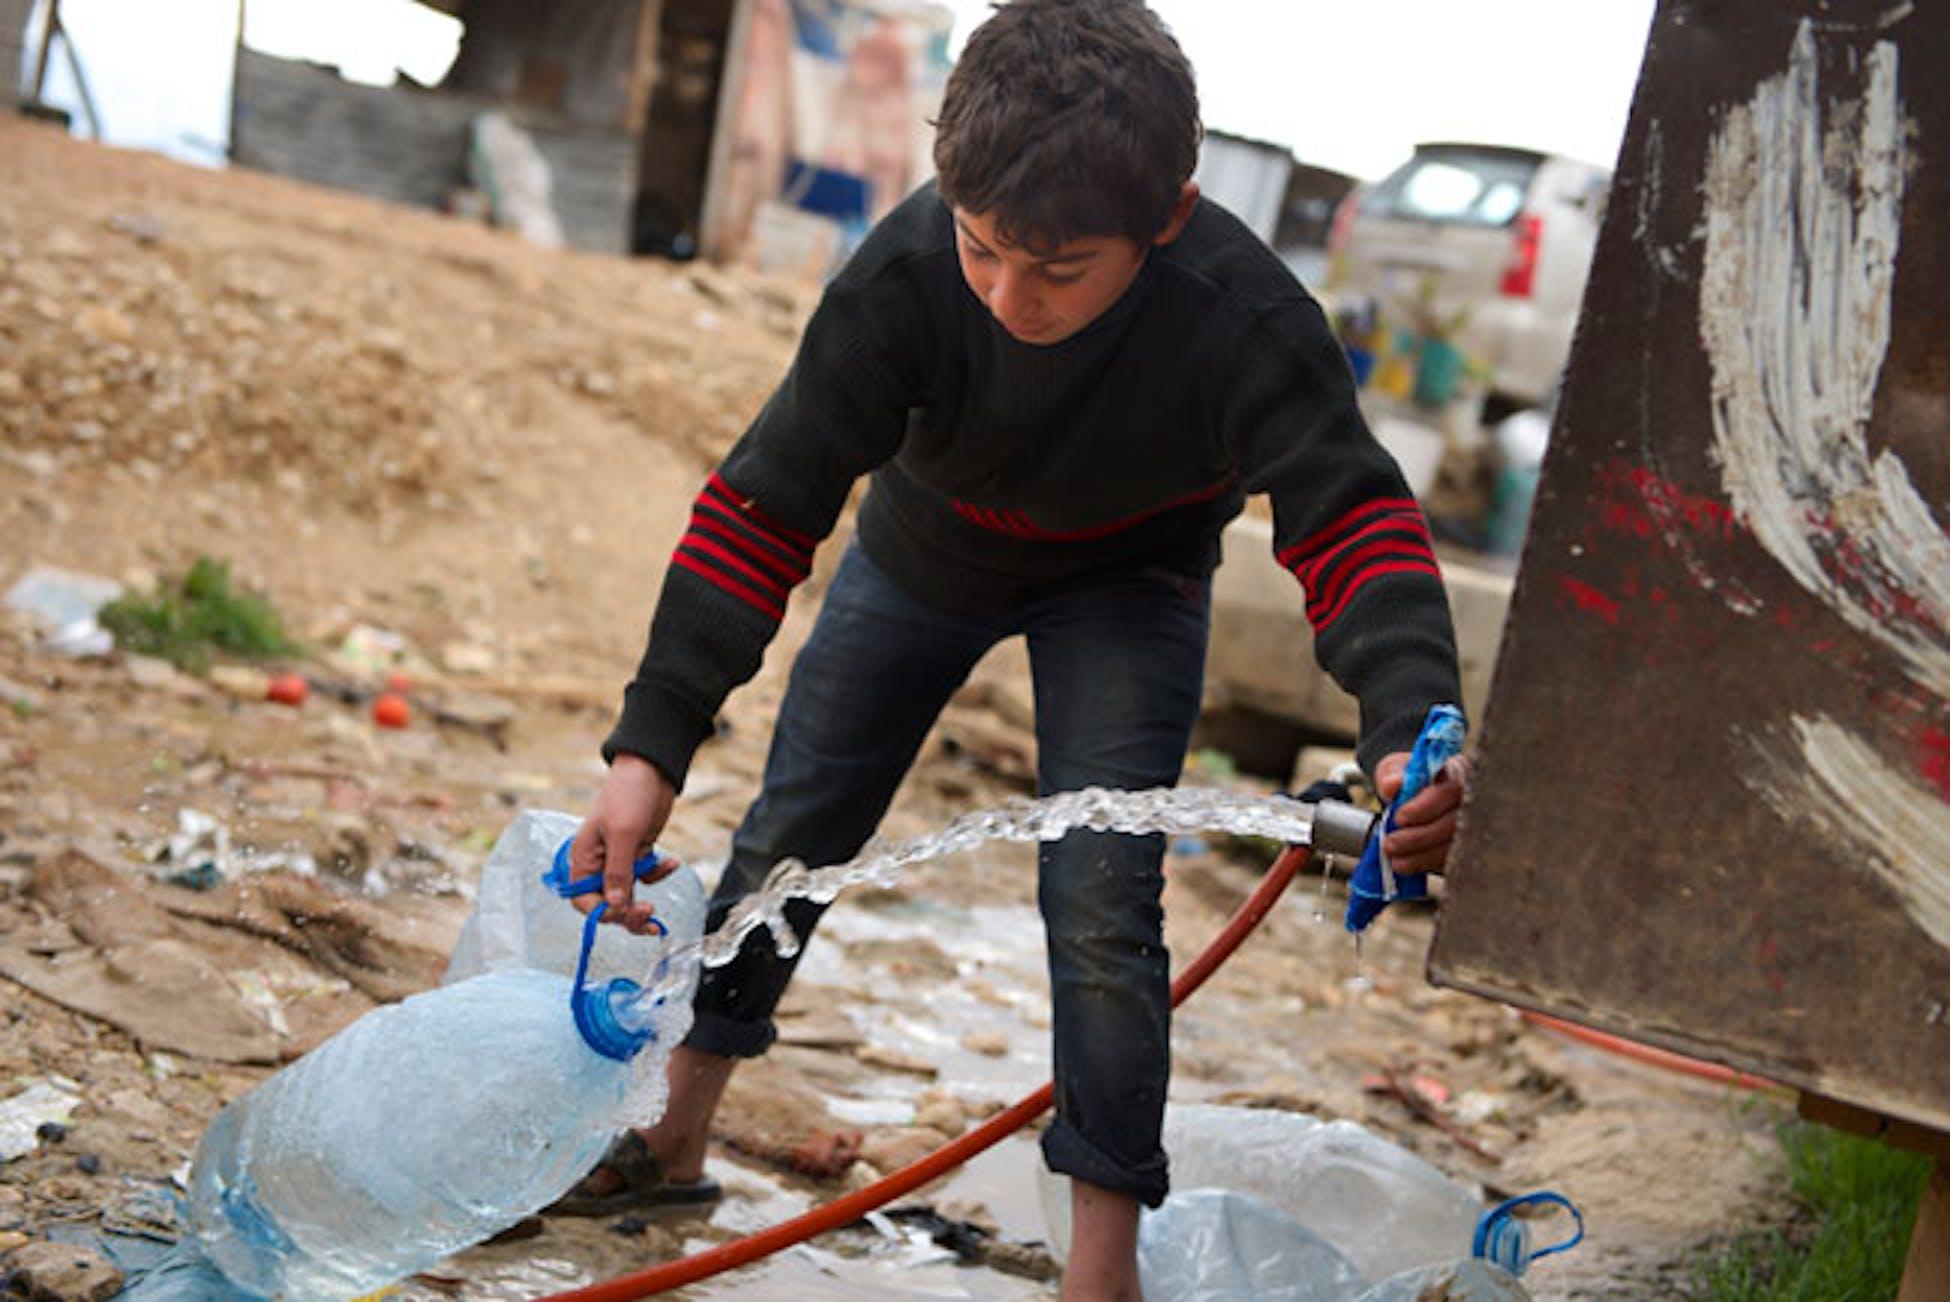 Un bambino riempie una tanica di acqua dalla cisterna installata dall'UNICEF nel campo profughi di Baalbek (Libano) - ©UNICEF Libano/2013/Shehzad Noorani